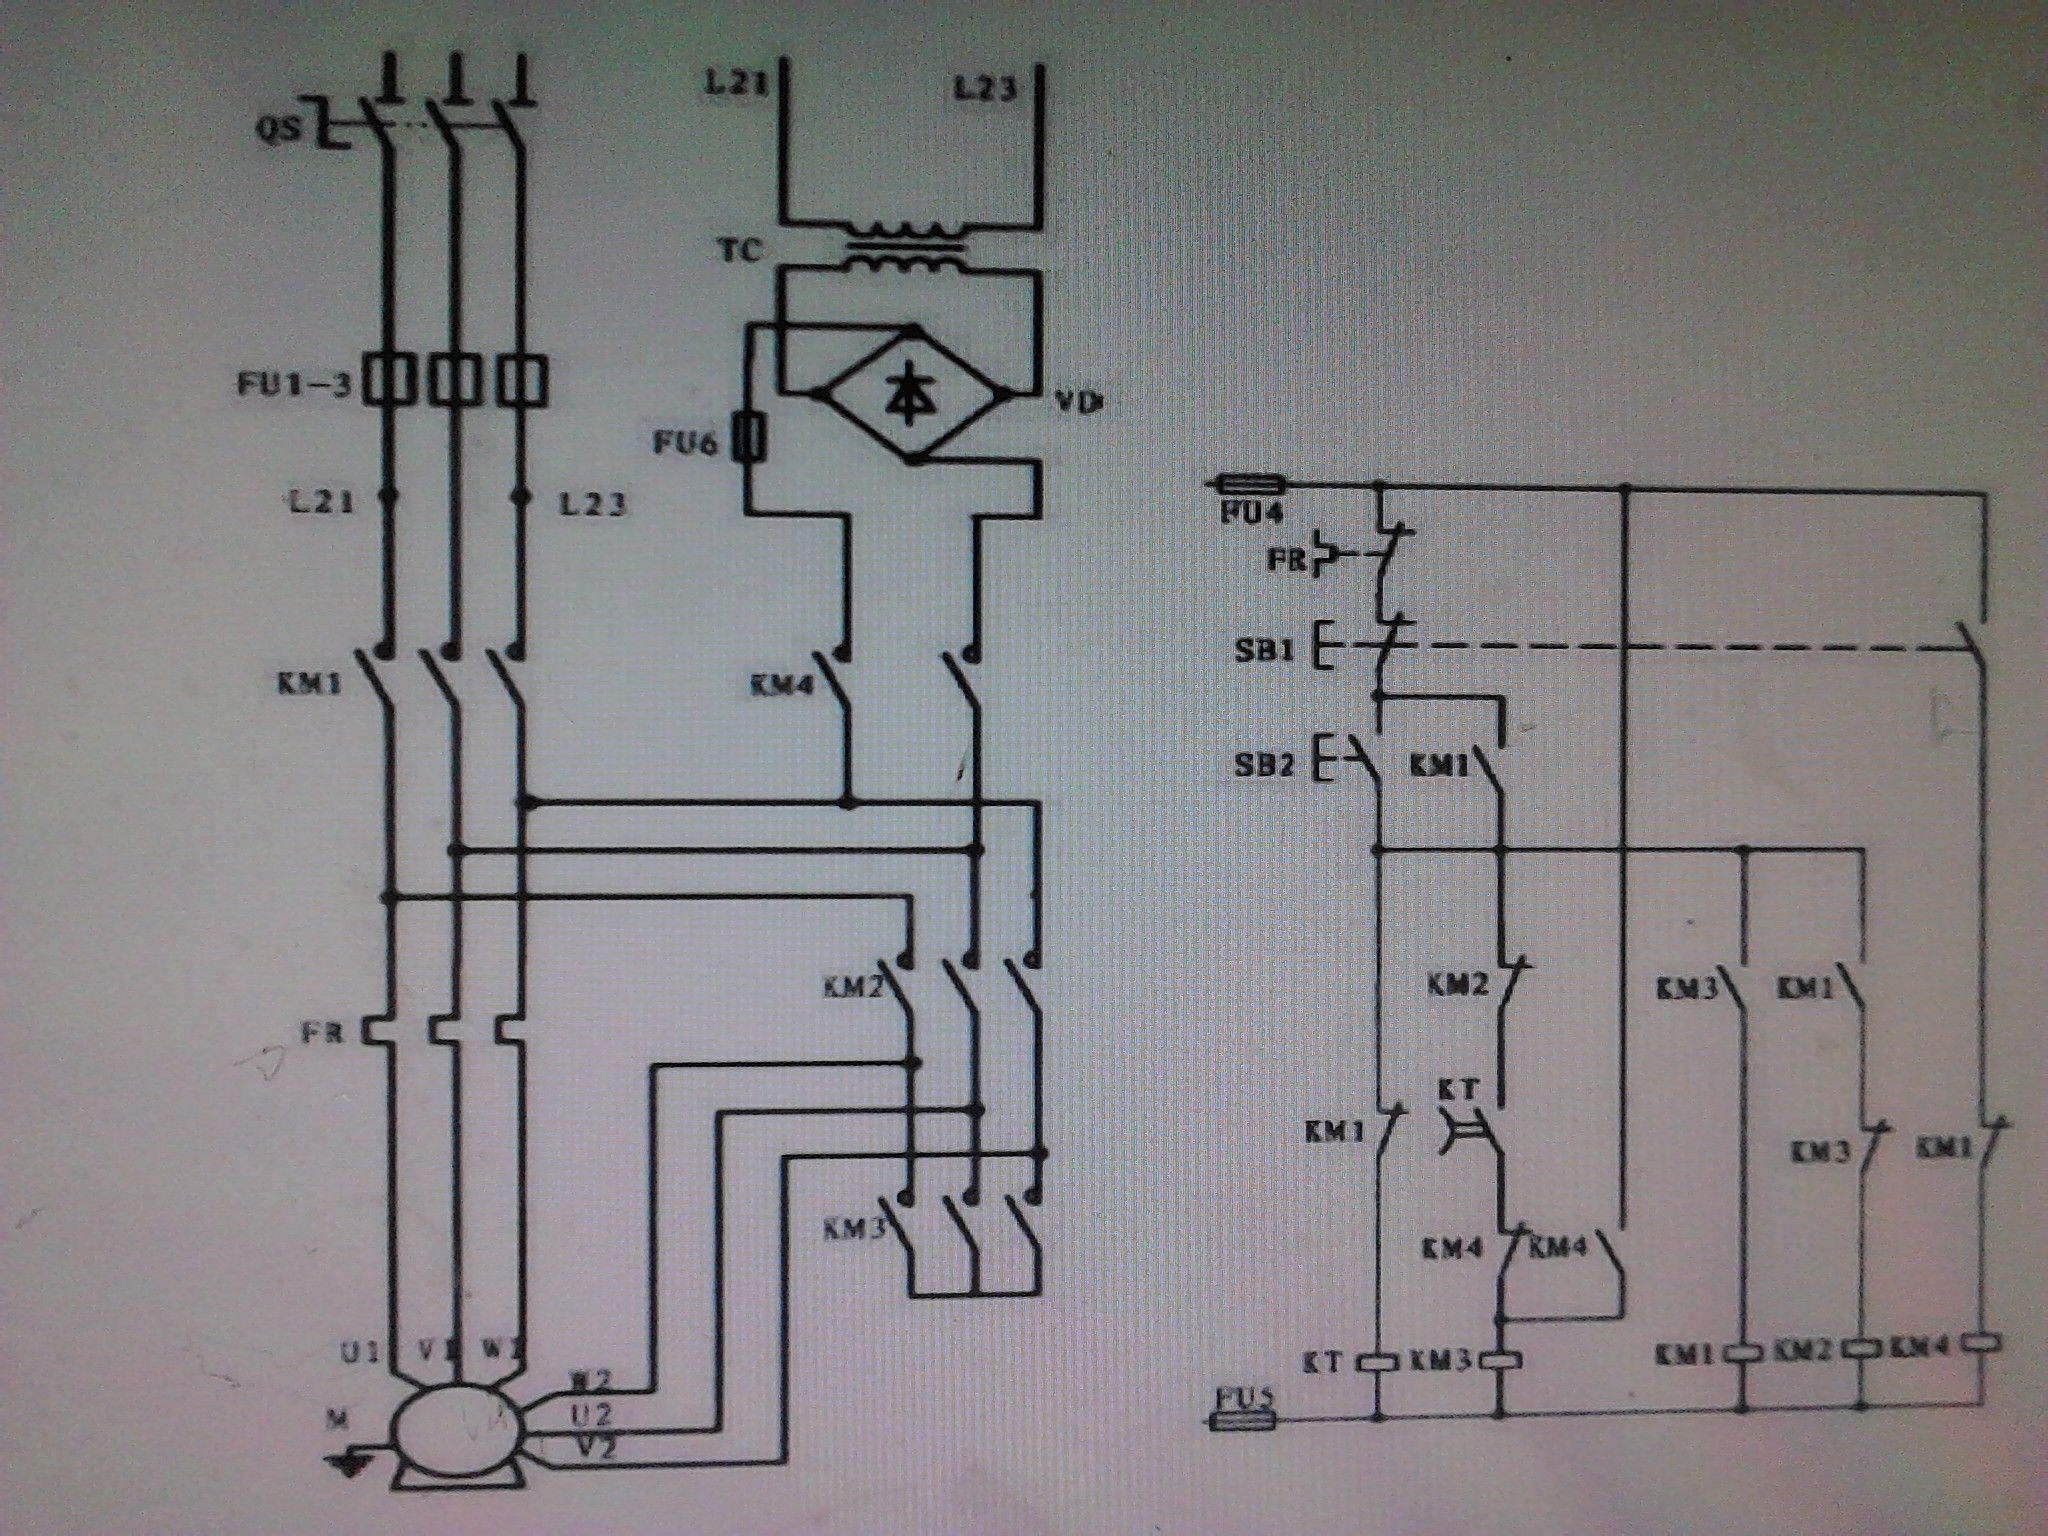 设计梯形图及PLC控制I/O口(输入/输出)接线图 -同问星三角降压启